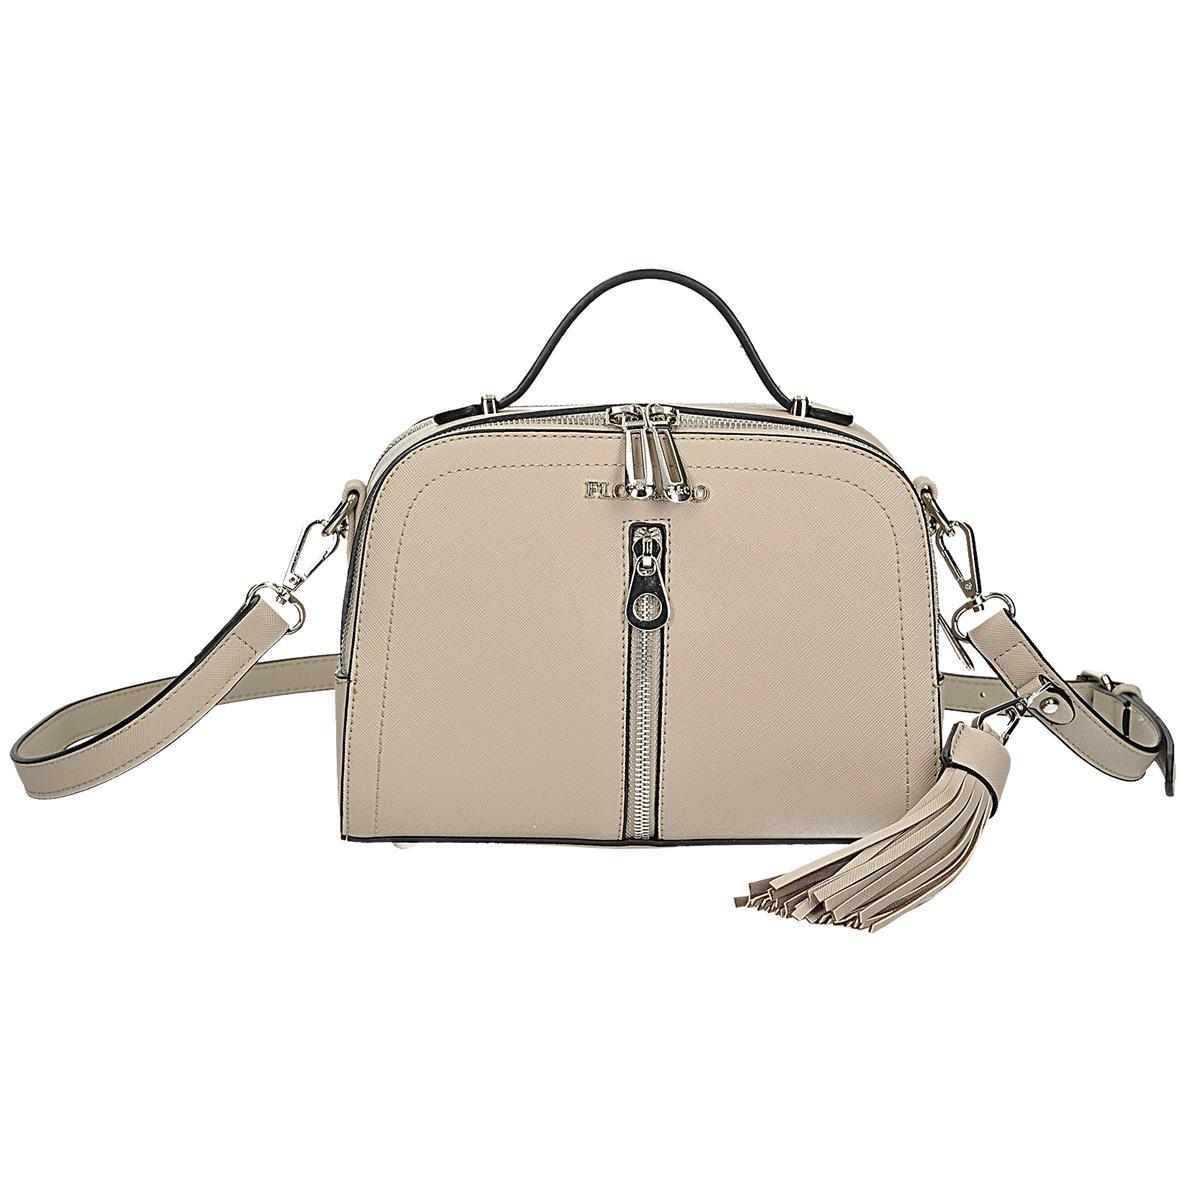 Béžová menší kabelka-kufřík, má 2 stylově odlišné řemínky